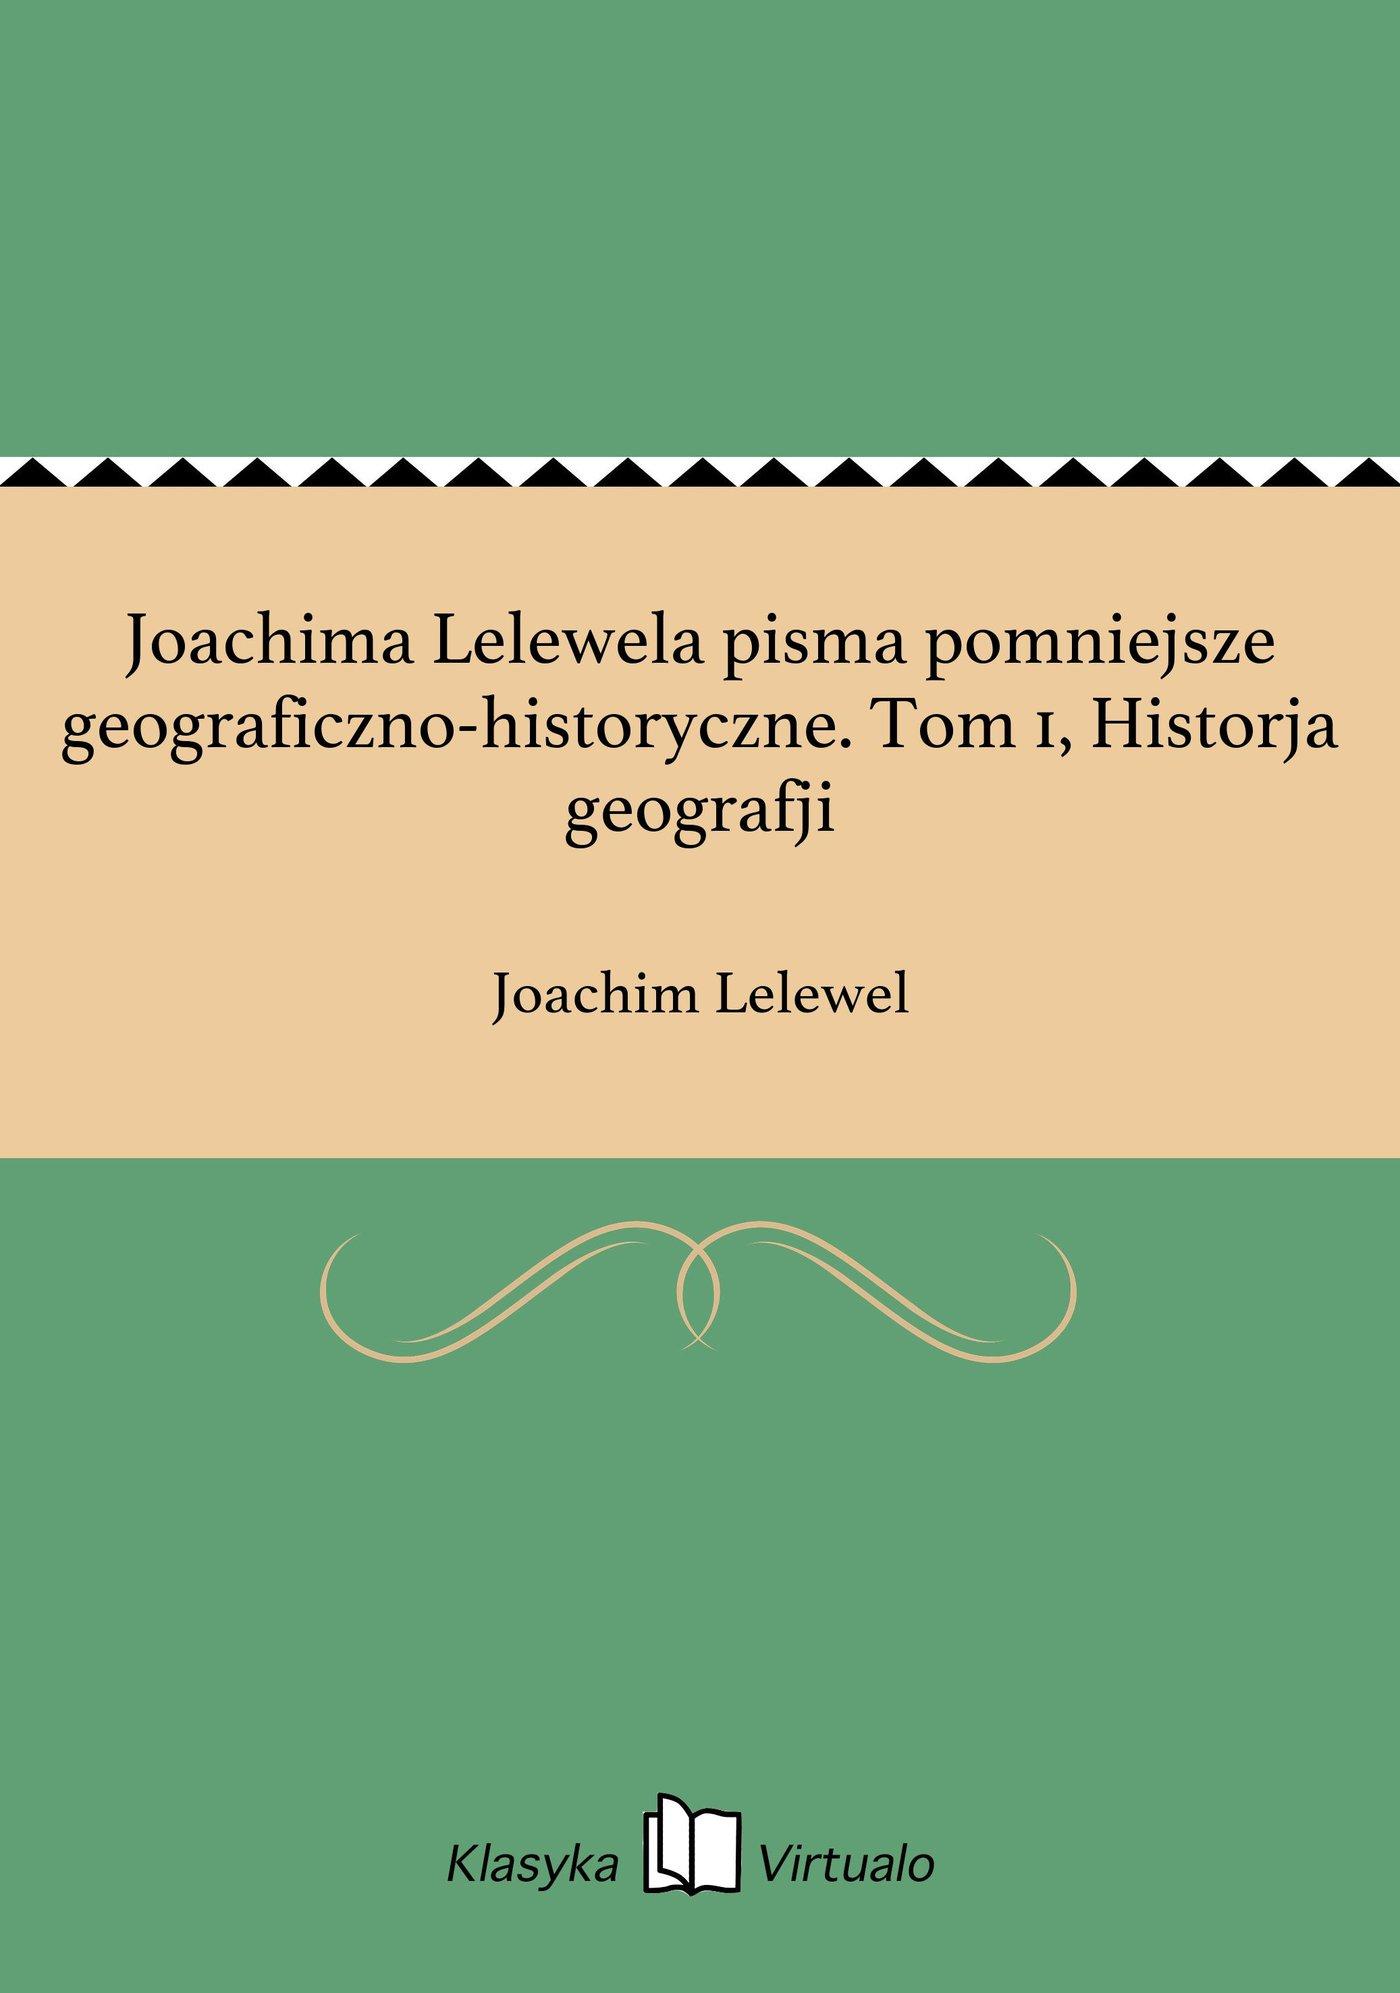 Joachima Lelewela pisma pomniejsze geograficzno-historyczne. Tom 1, Historja geografji - Ebook (Książka EPUB) do pobrania w formacie EPUB